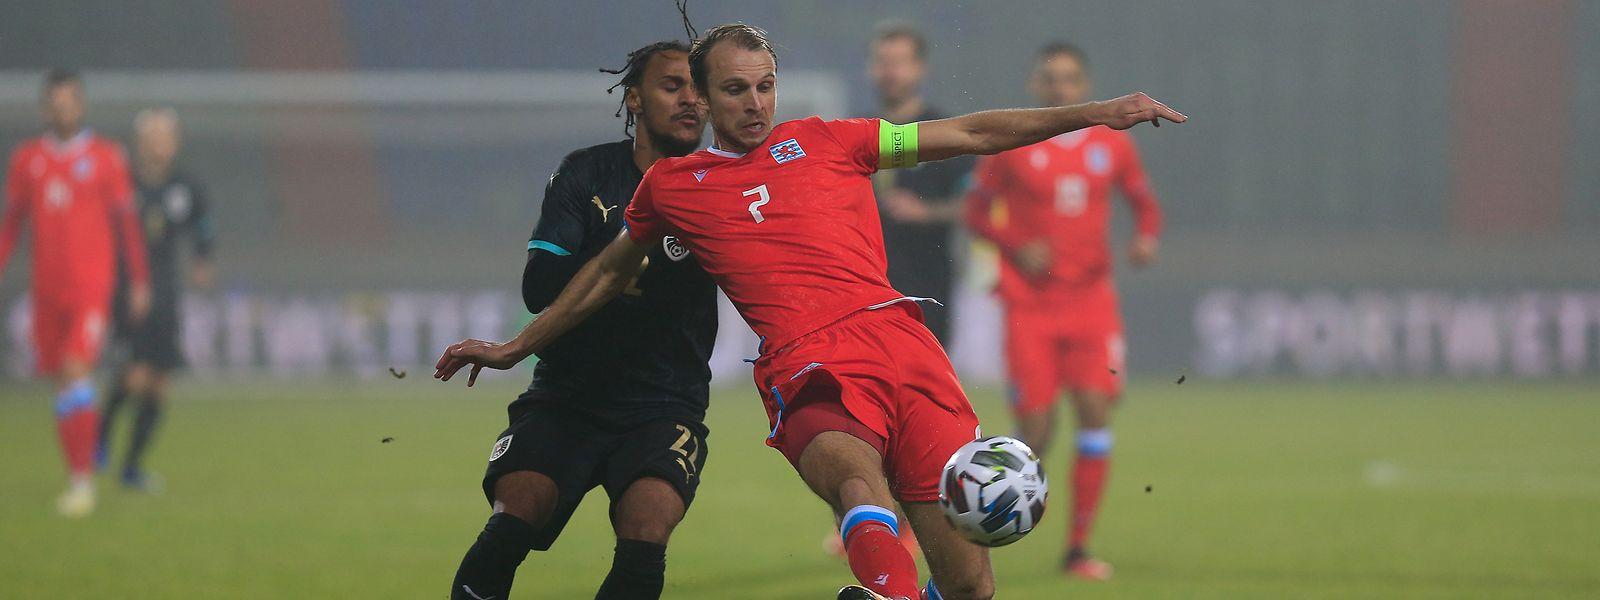 Anders als beim Testspiel gegen Österreich um Valentino Lazaro, das Lars Gerson (r.) im Stade Josy Barthel mit 0:3 verloren hatten, wollen die Luxemburger am Dienstag als Gewinner vom Platz gehen.